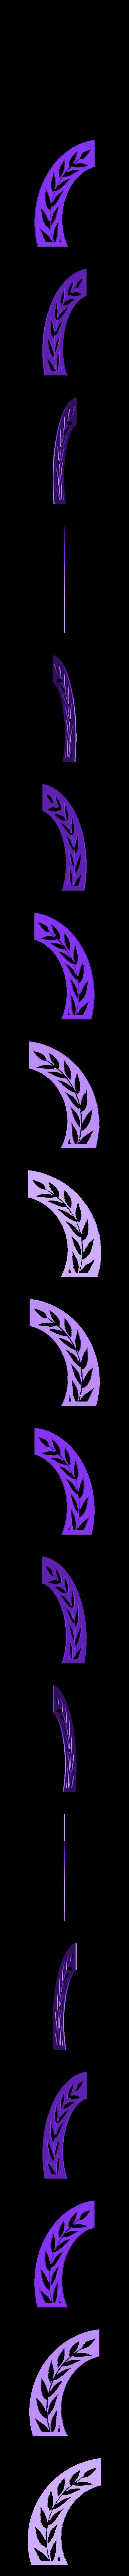 vexilloid-stencils1.stl Download free STL file Roman SPQR banner stencil • 3D print object, arpruss